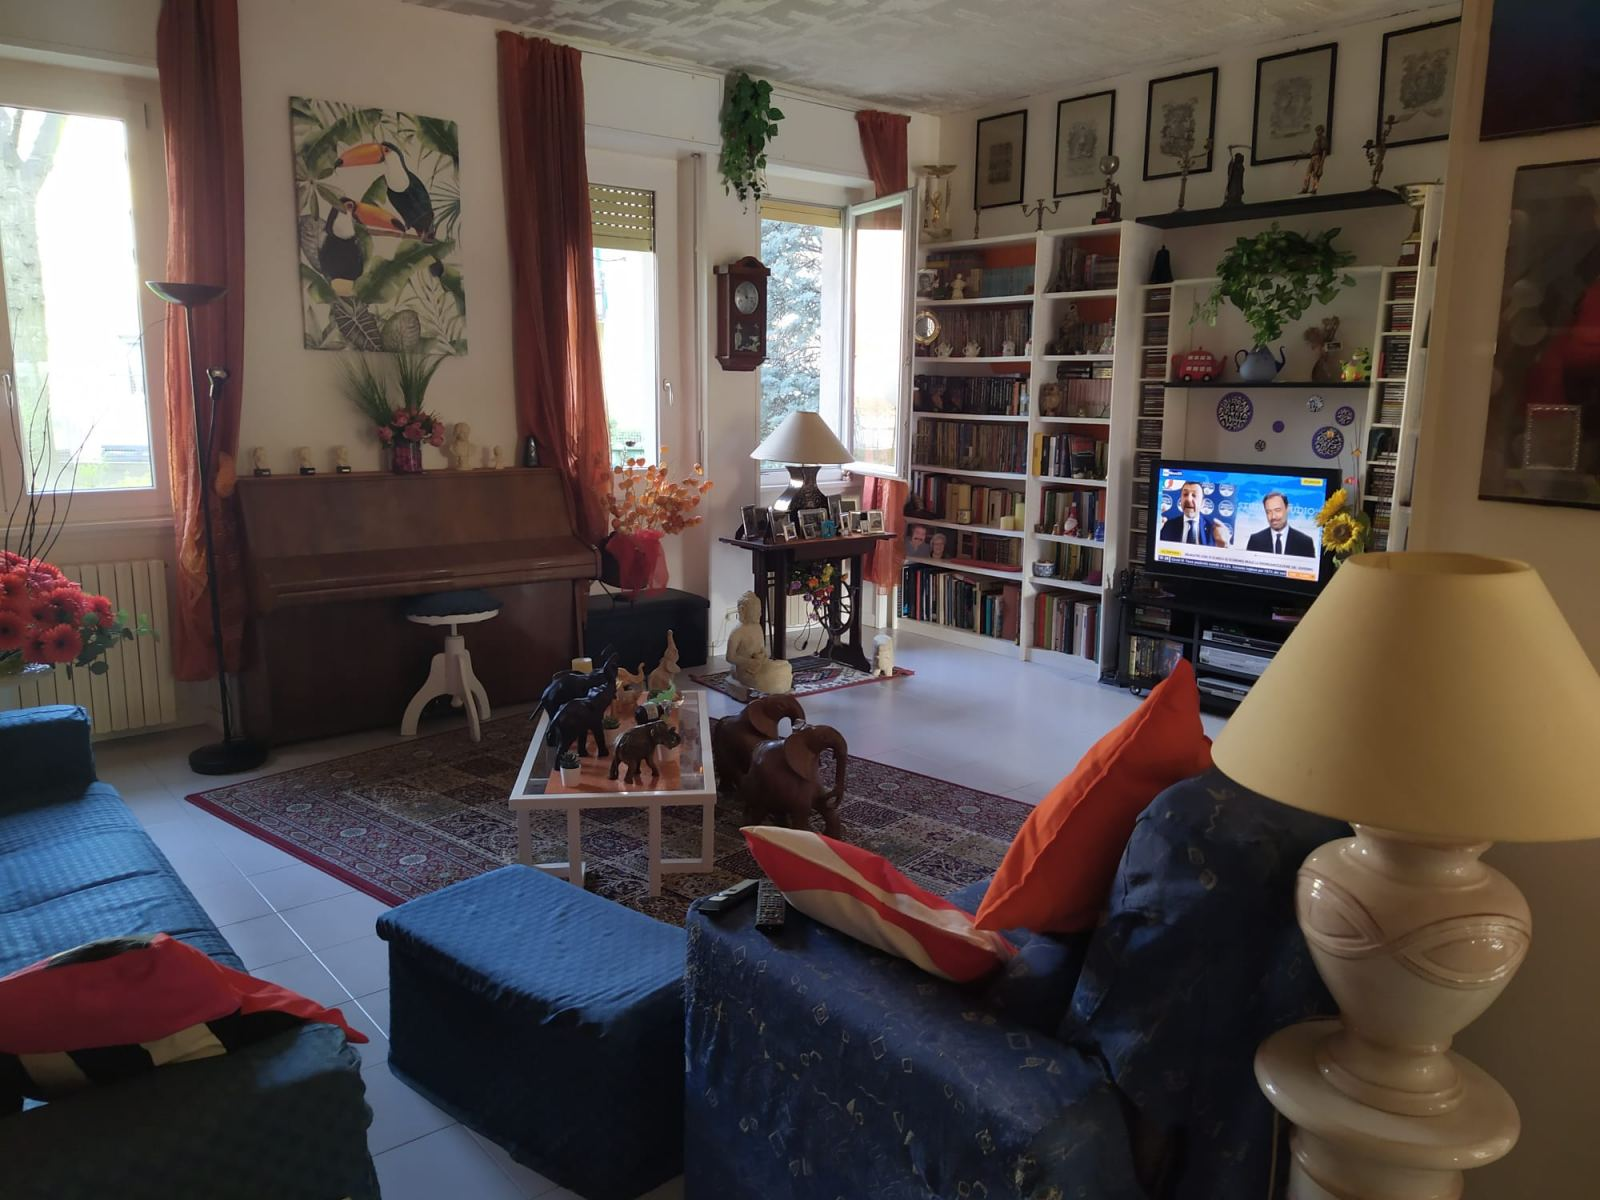 appartamento-in-vendita-a-milano-bagio-3-locali-via-cabella-spaziourbano-immobiliare-vende-21